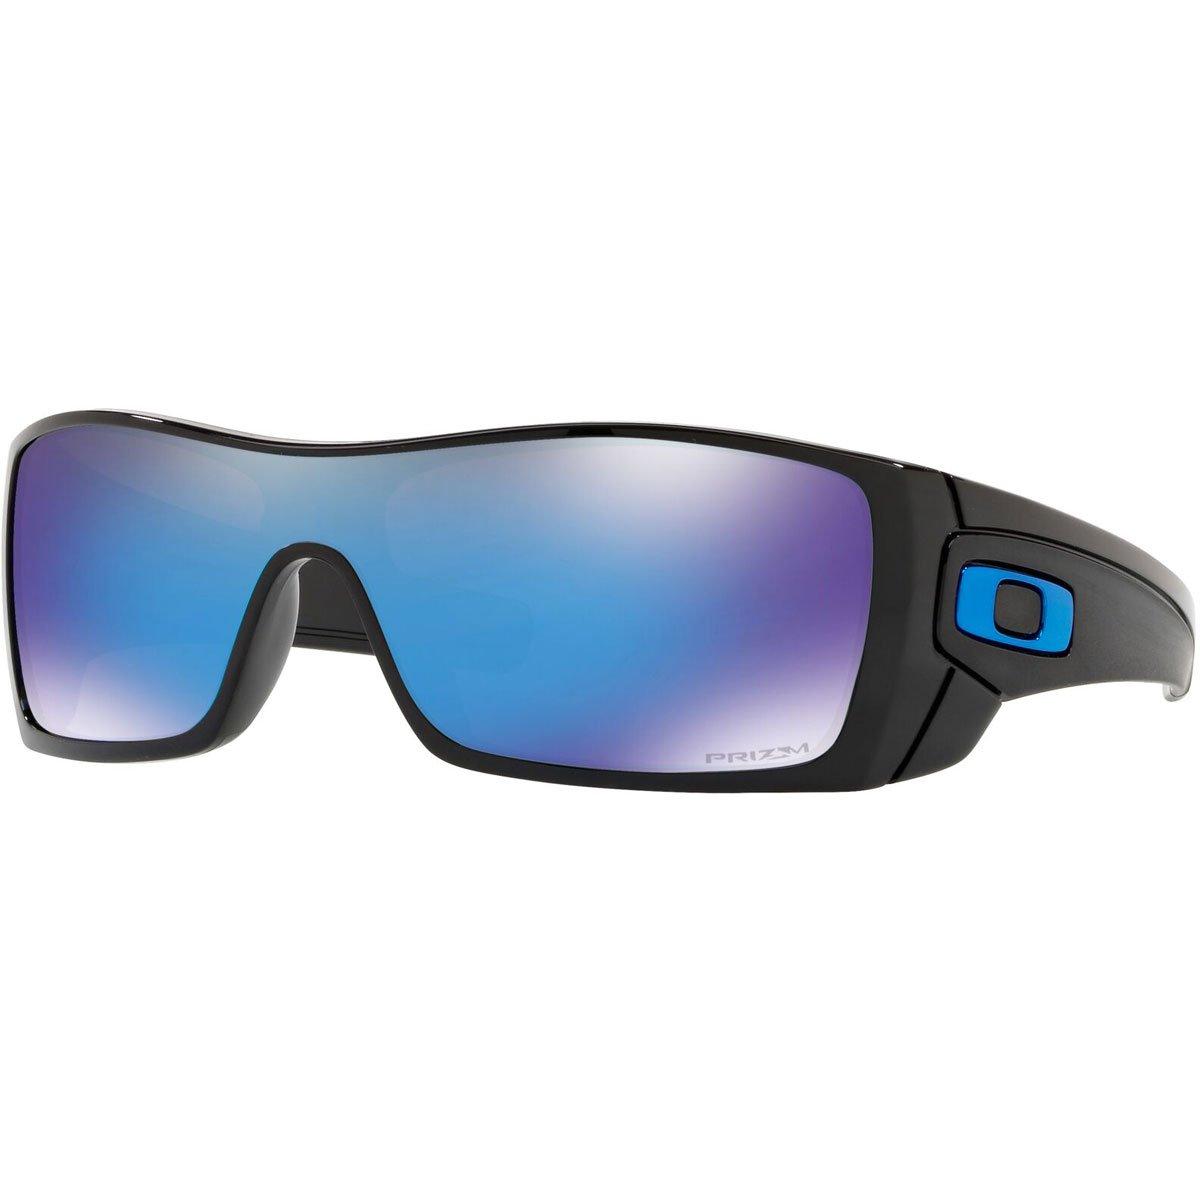 Oakley Men's OO9101 Batwolf Shield Sunglasses, Polished Black/Prizm Sapphire, 58 mm by Oakley